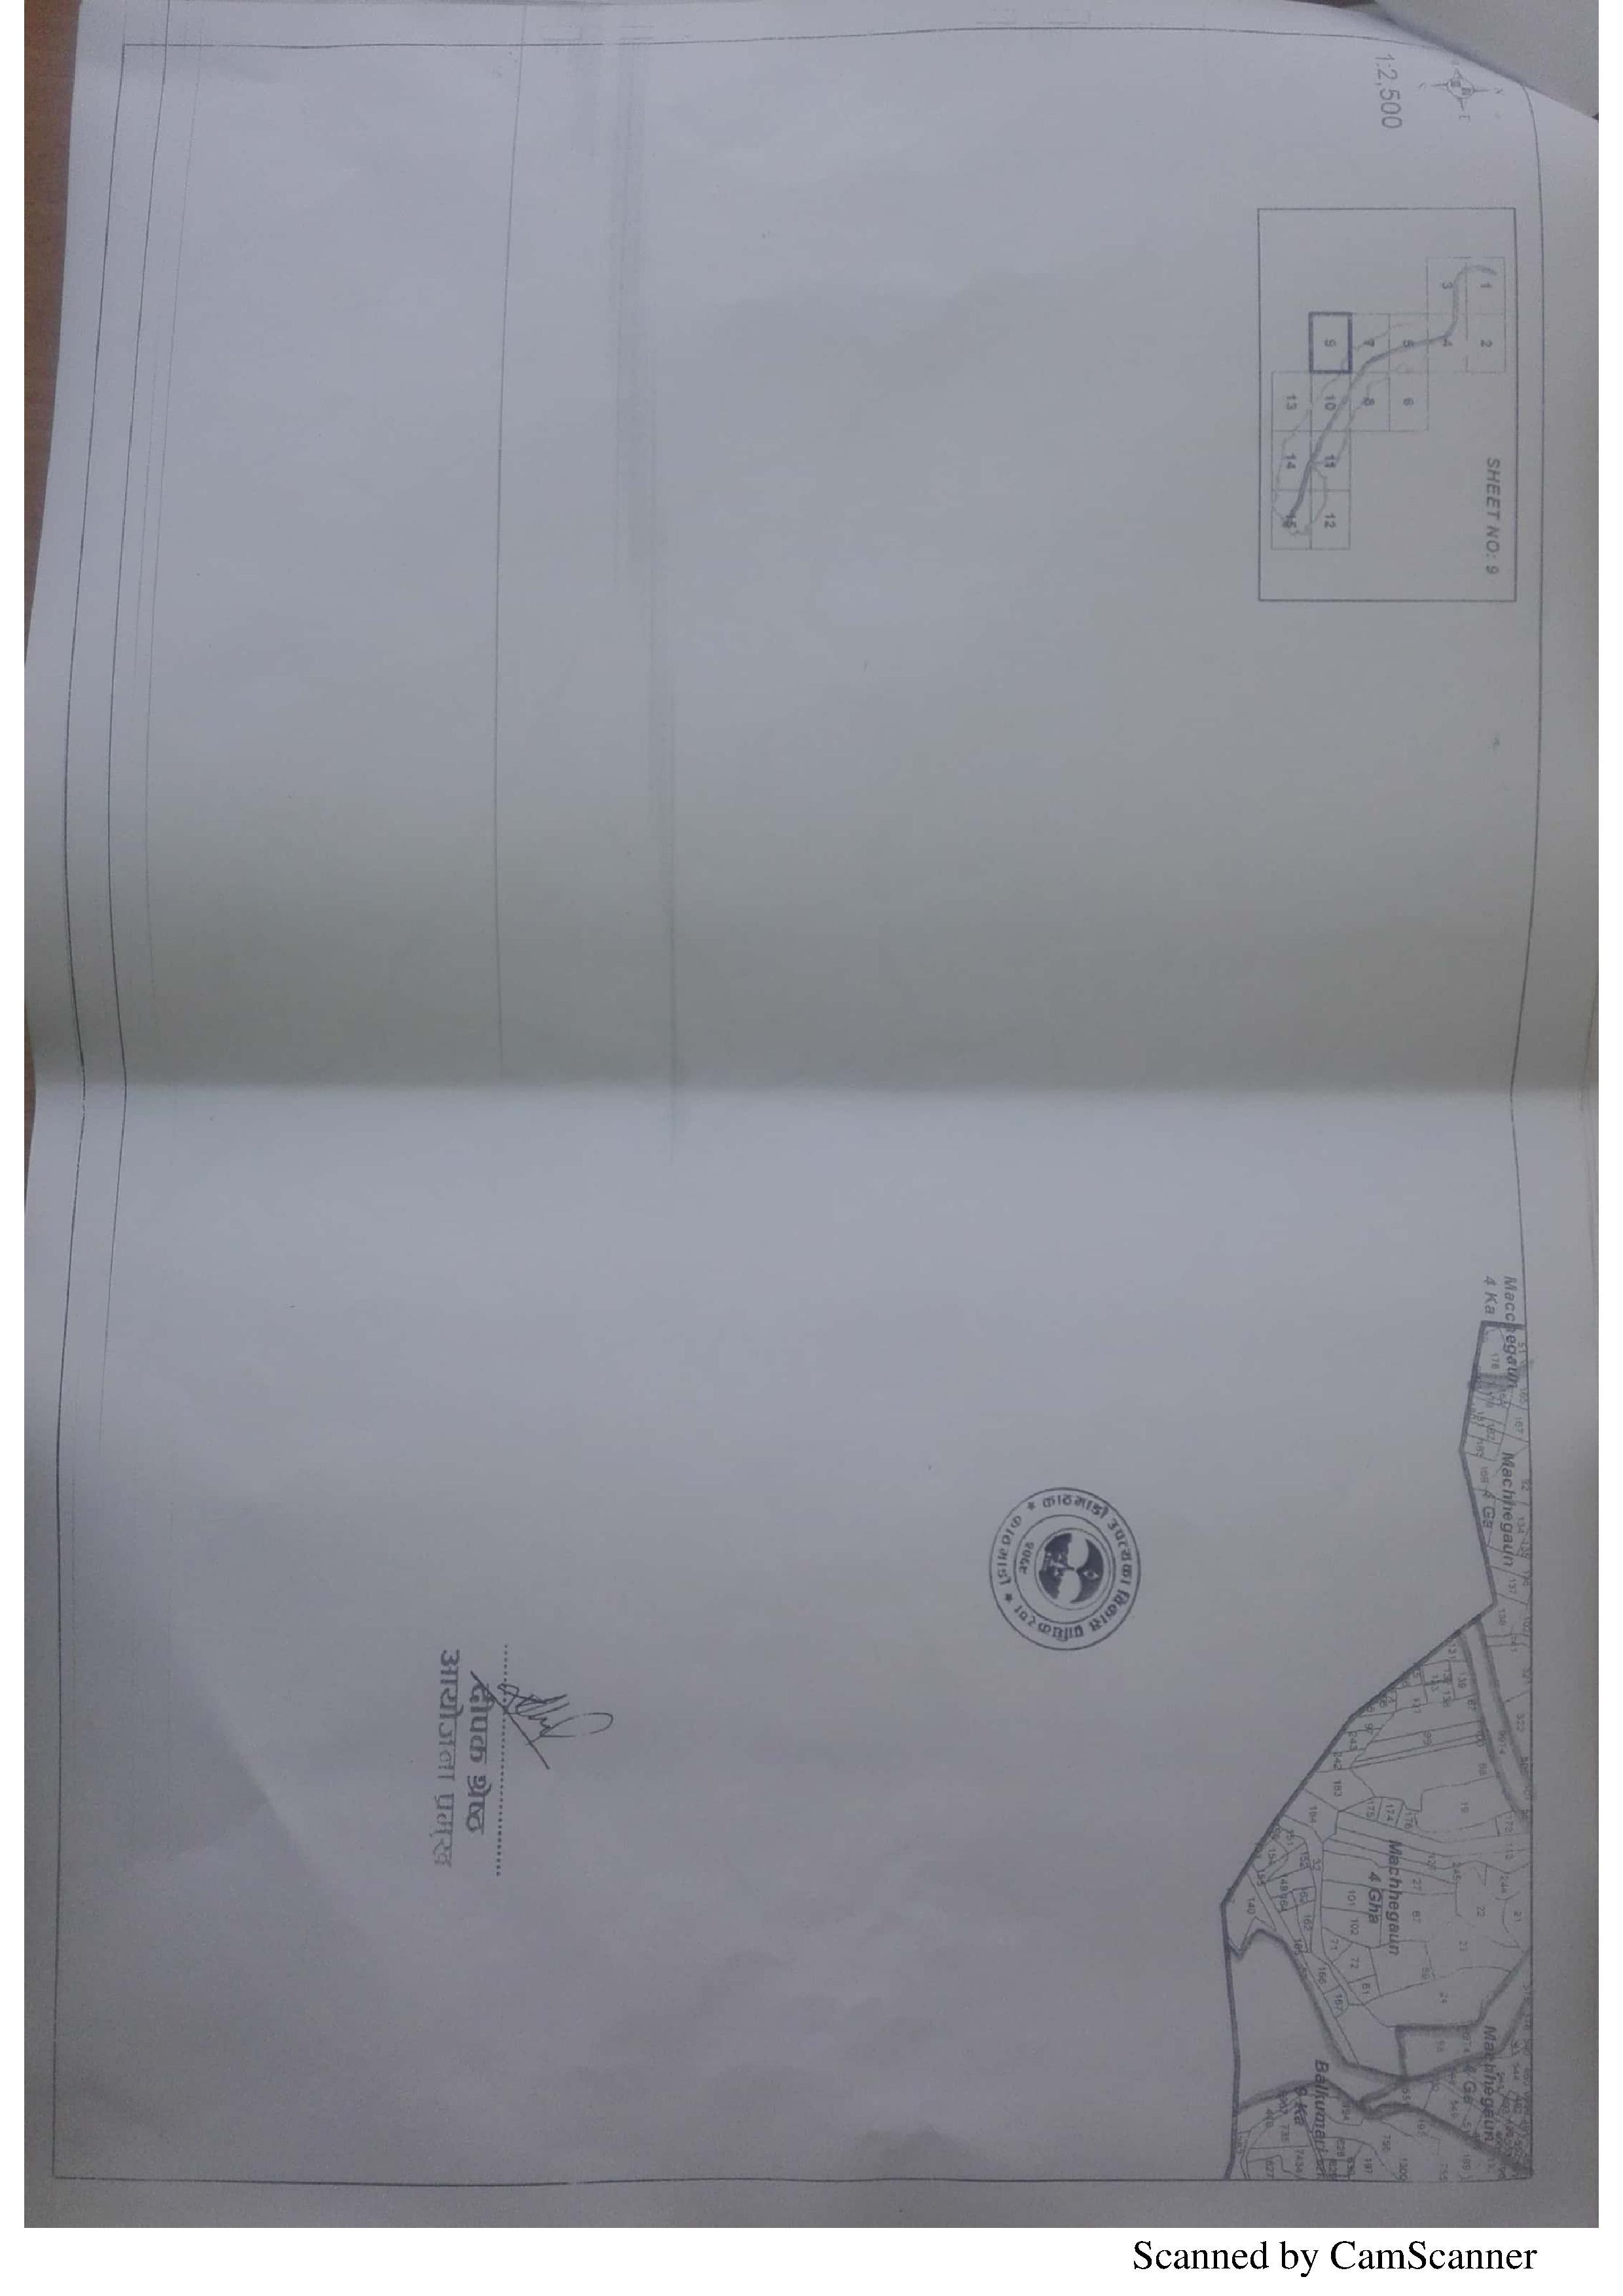 Chandragirinews outer-ring-road-8 बाहिरी चक्रपथको डि.पि.आर. (कित्ता न. सहित) तीनथाना दहचोक नगरपालिका नैकाप नयाँ भन्ज्यांग नैकाप पुरानो भन्ज्यांग बोसिंगाउँ ब्रेकिंग न्युज मछेगाउँ मातातिर्थ मुख्य राष्ट्रिय सतुंगल    chandragiri